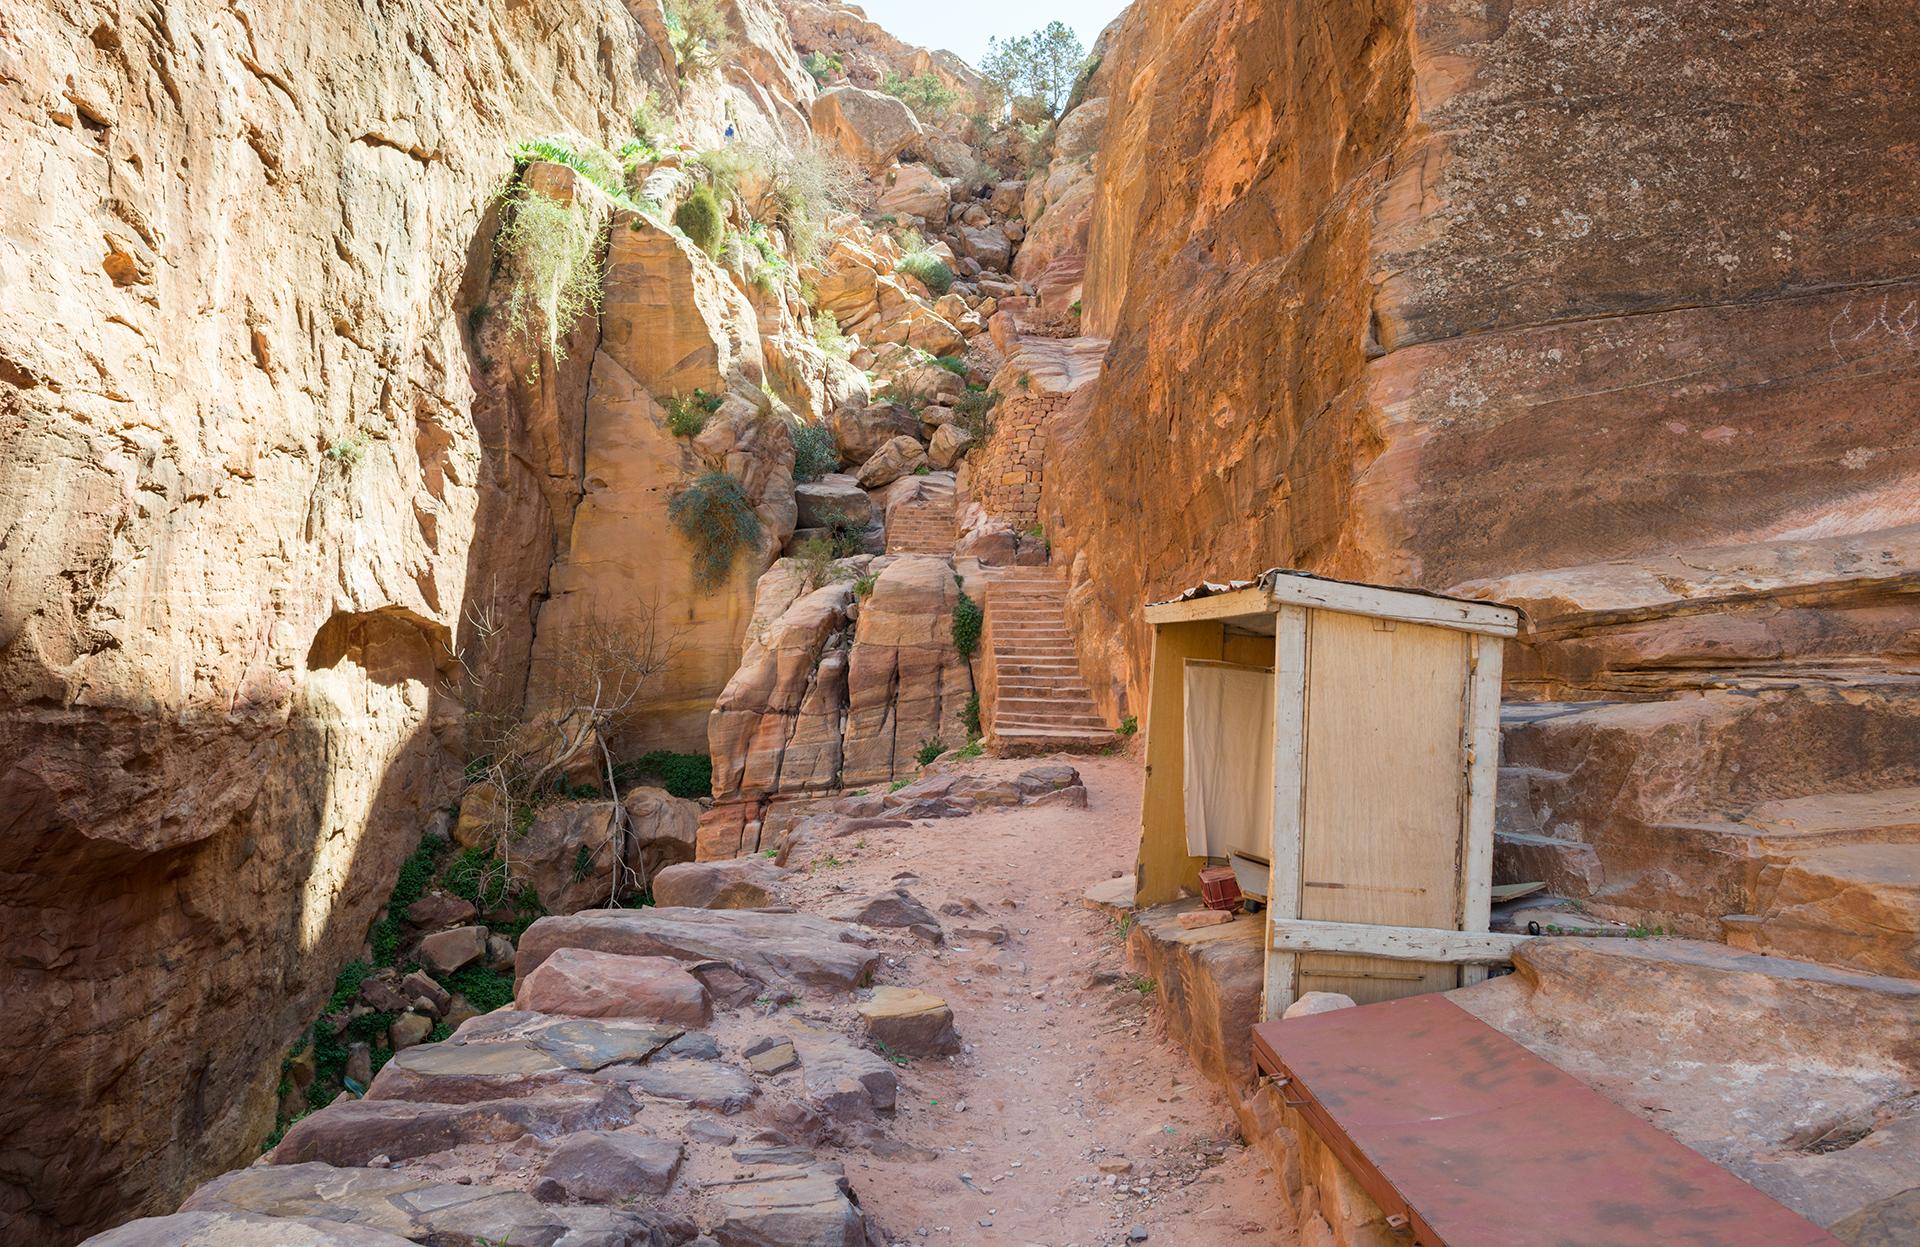 stánek prodejci opuštěný, Petra, Jordánsko